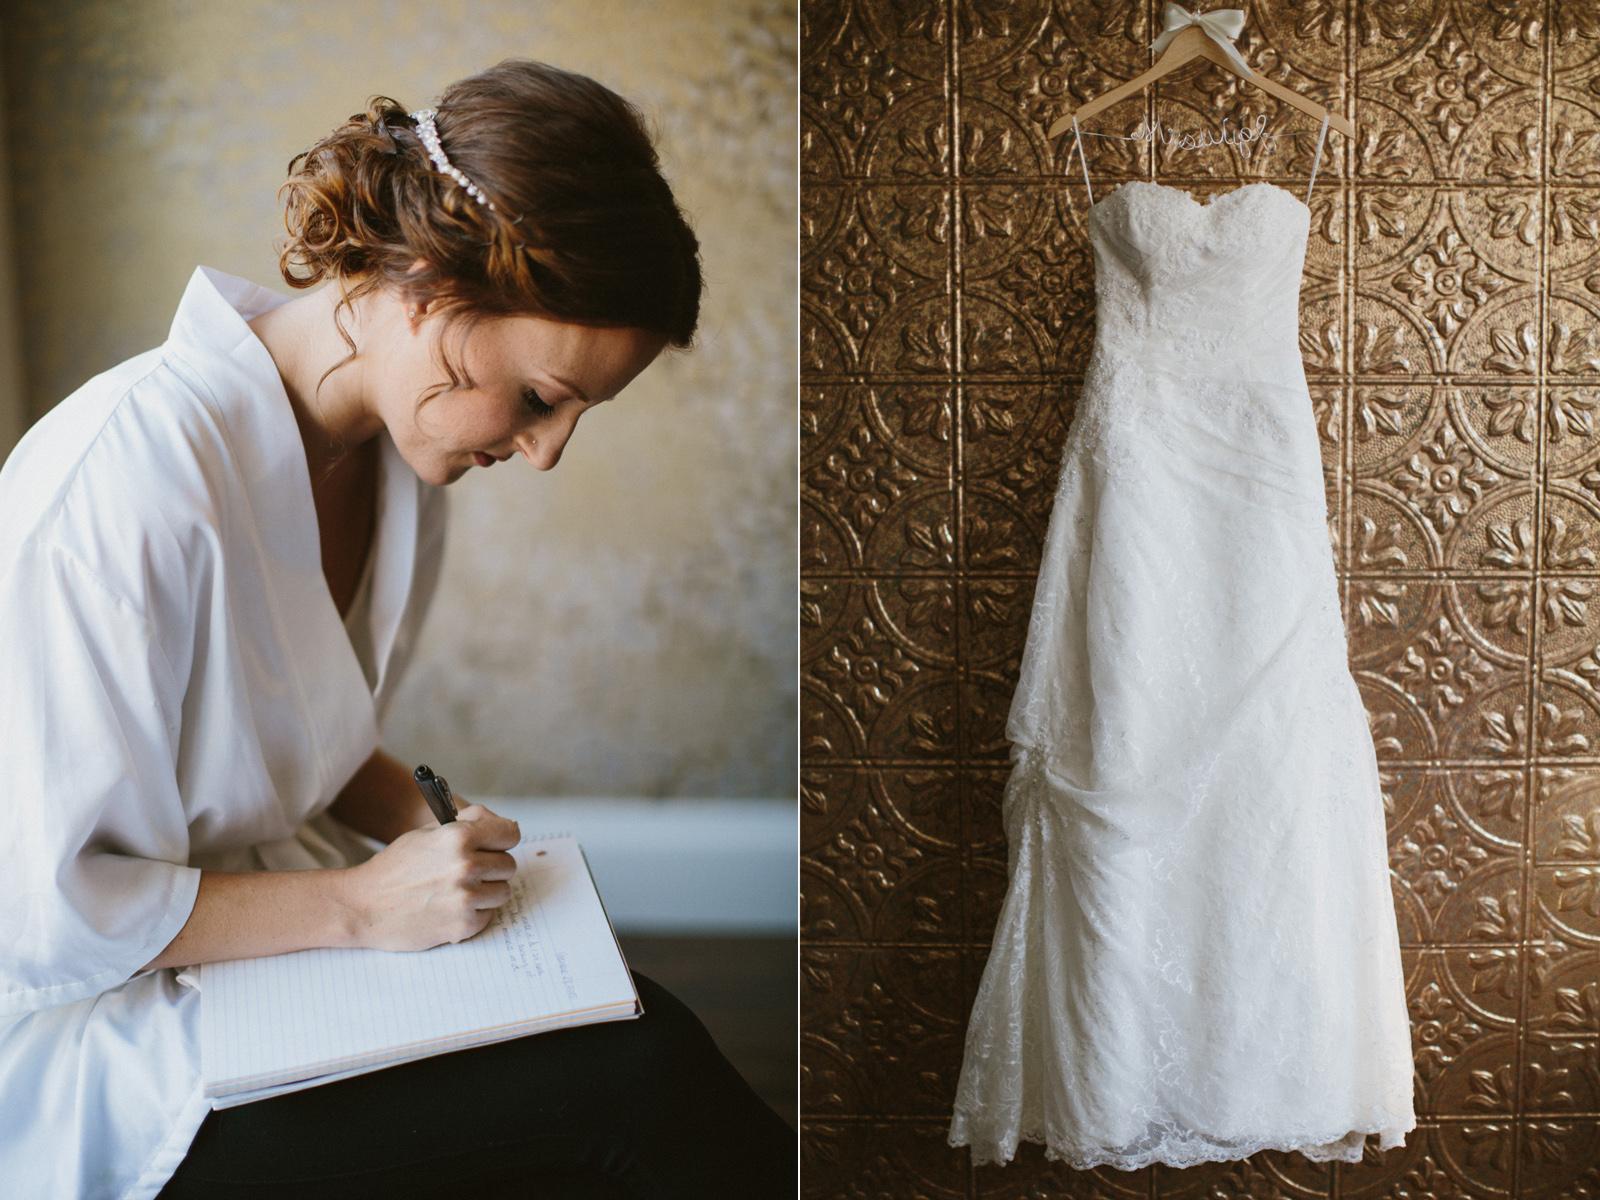 israel&aubrey_siouxfalls_wedding_photographer_02.jpg